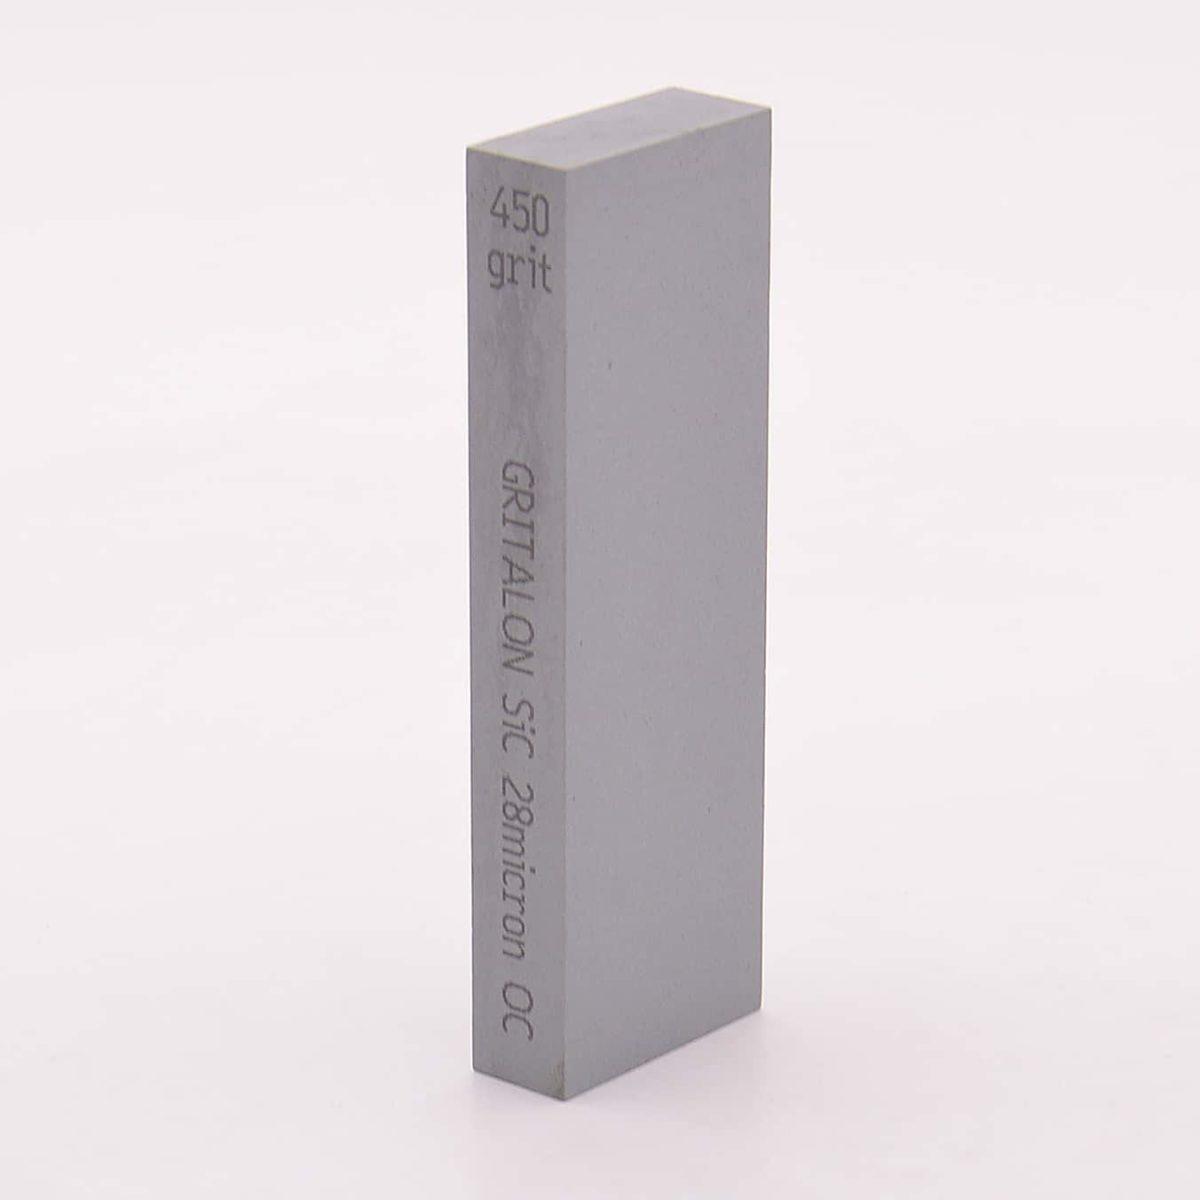 Абразивный брусок GRITALON 450 грит 150*50*20мм (KK)